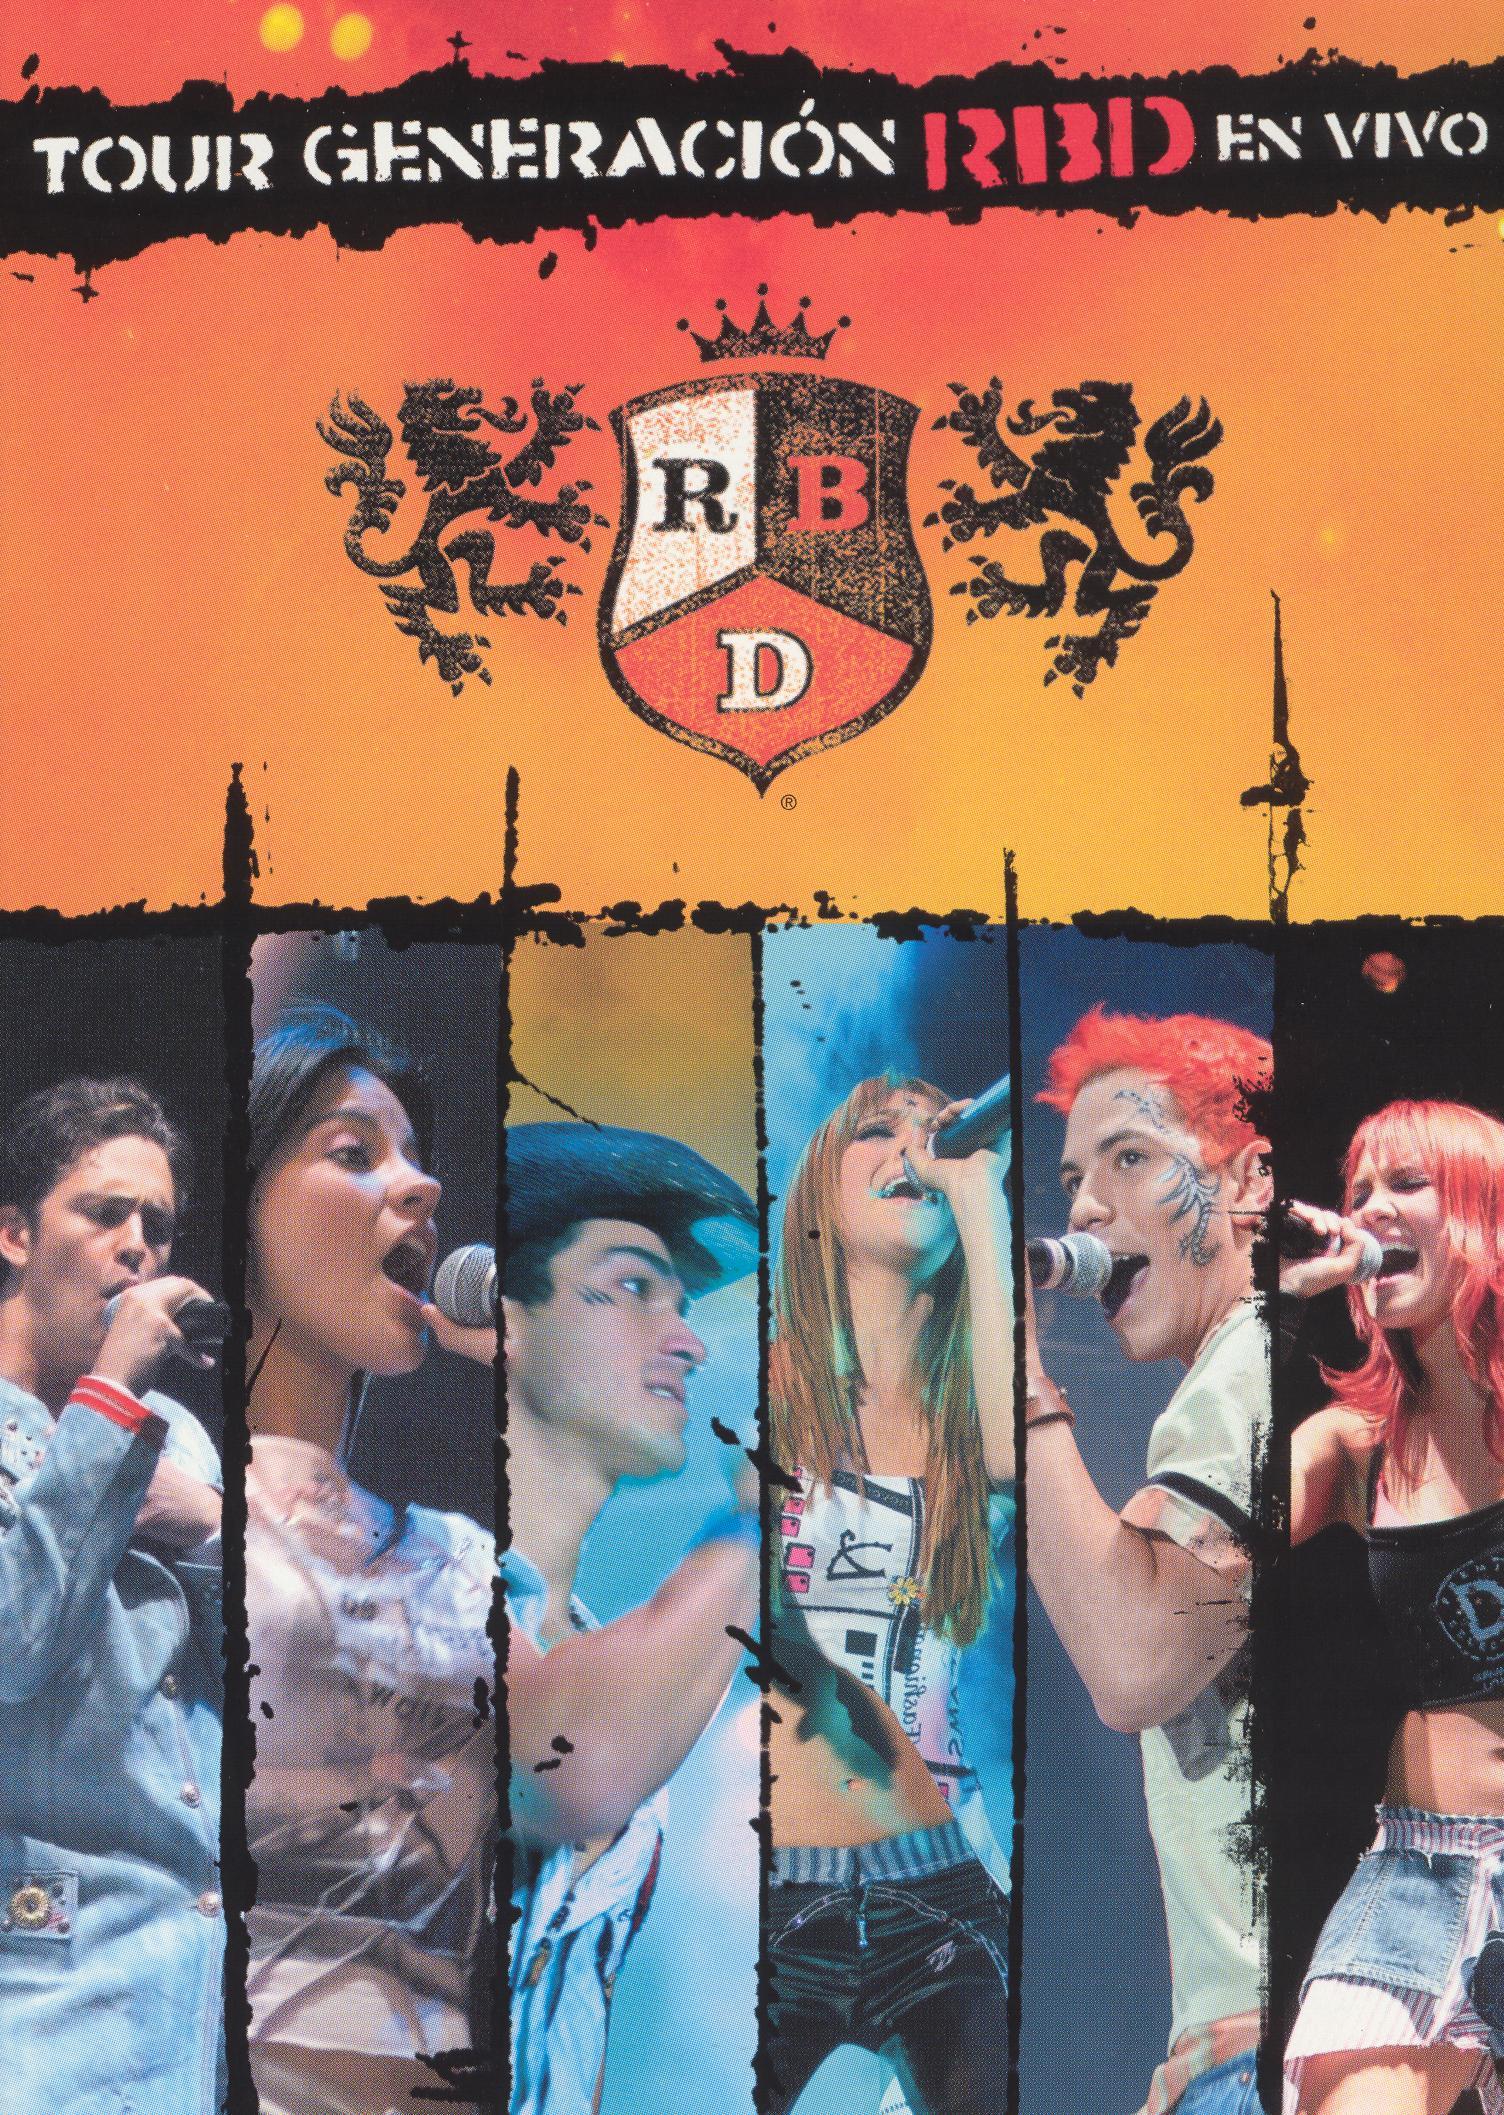 RBD [ Rebelde ]: Tour Generacion en Vivo